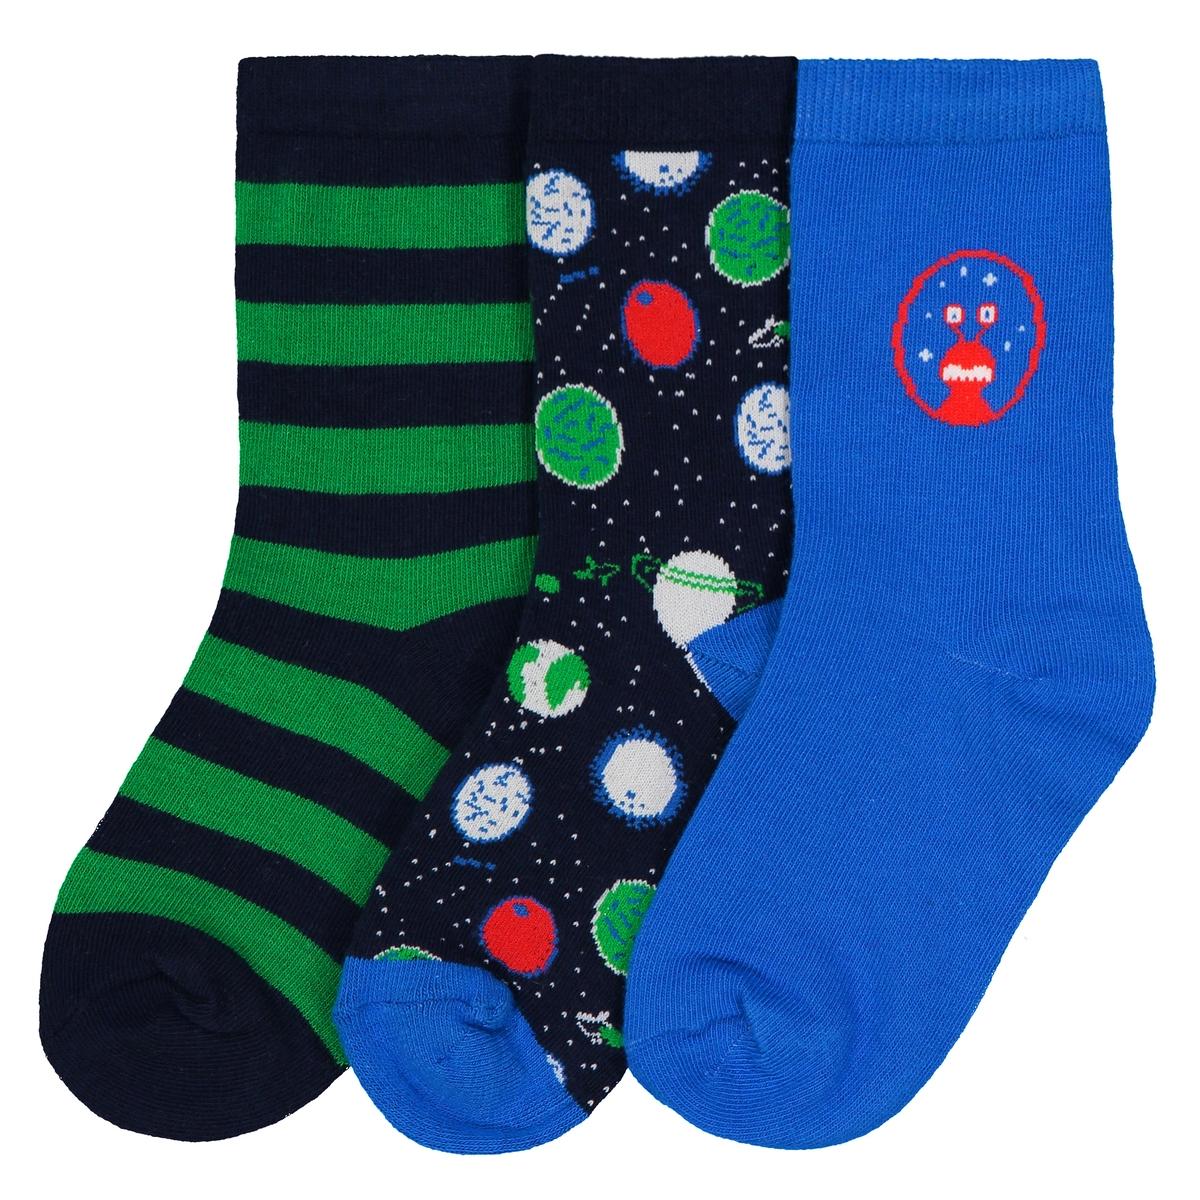 Комплект из 3 пар носков высоких, 23/26-35/38 jd коллекция светло телесный 12 пар носков 15d две кости размер